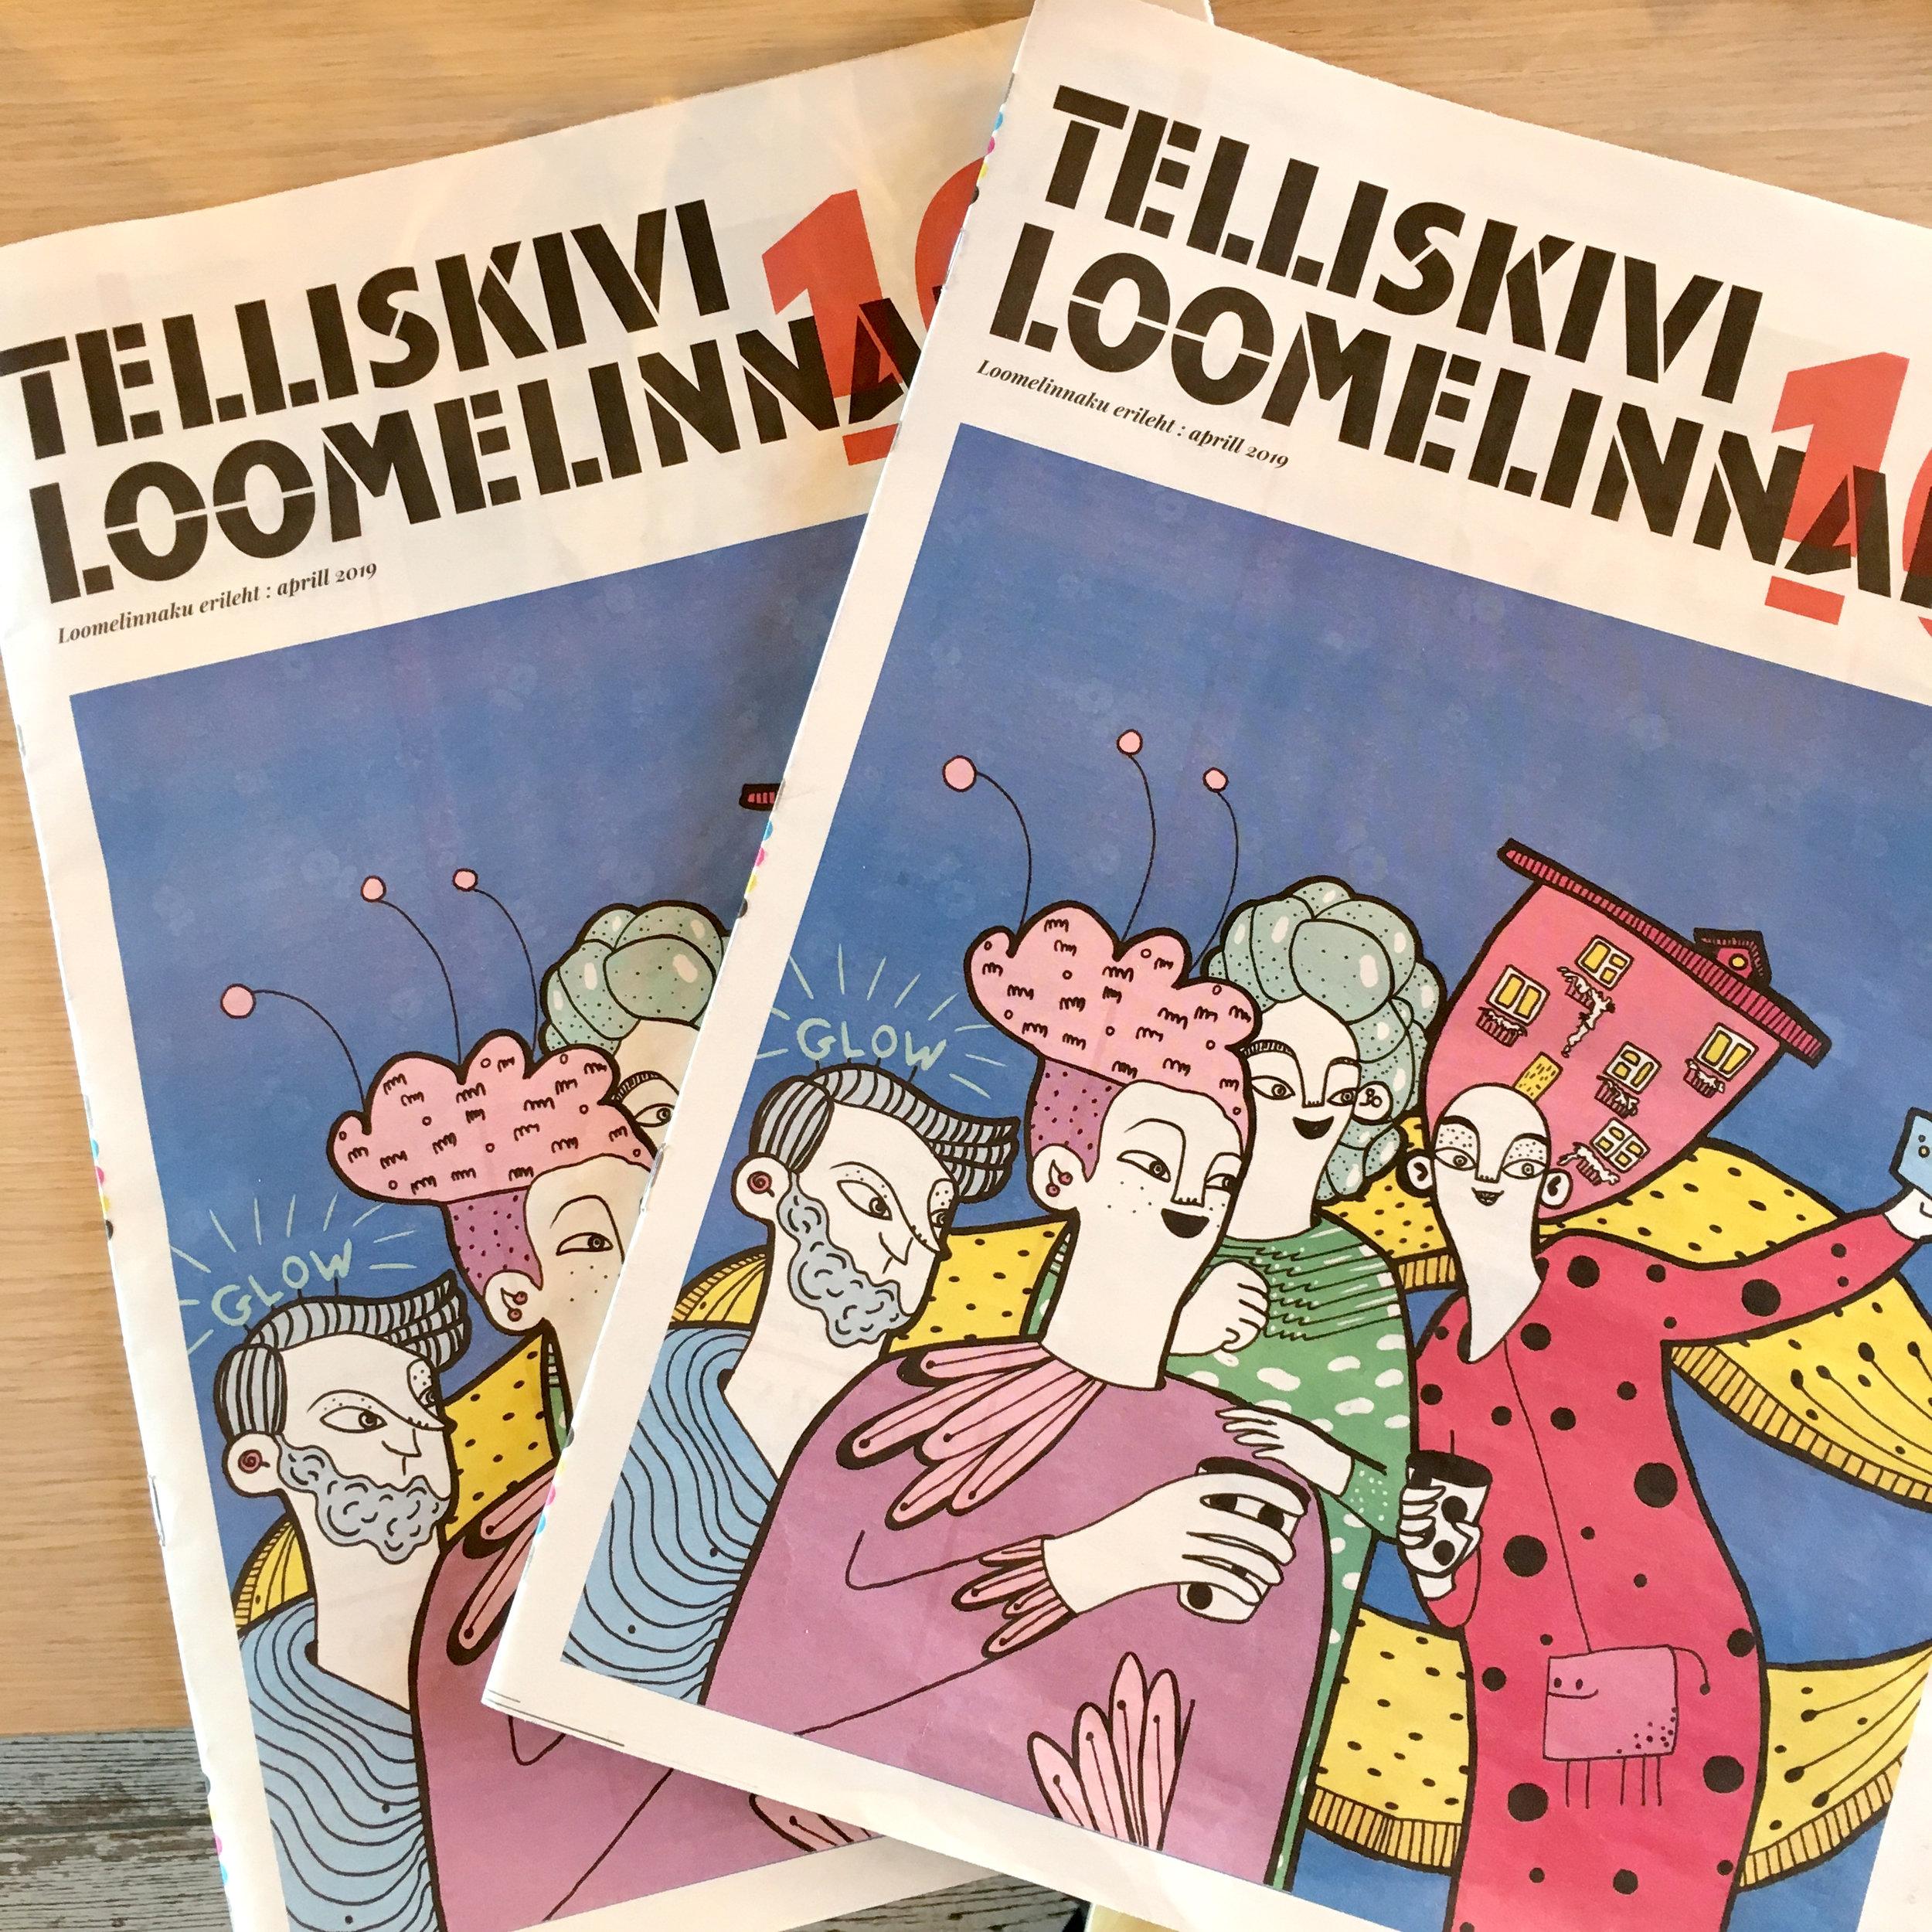 Masholand x Loomelinnak.JPEG